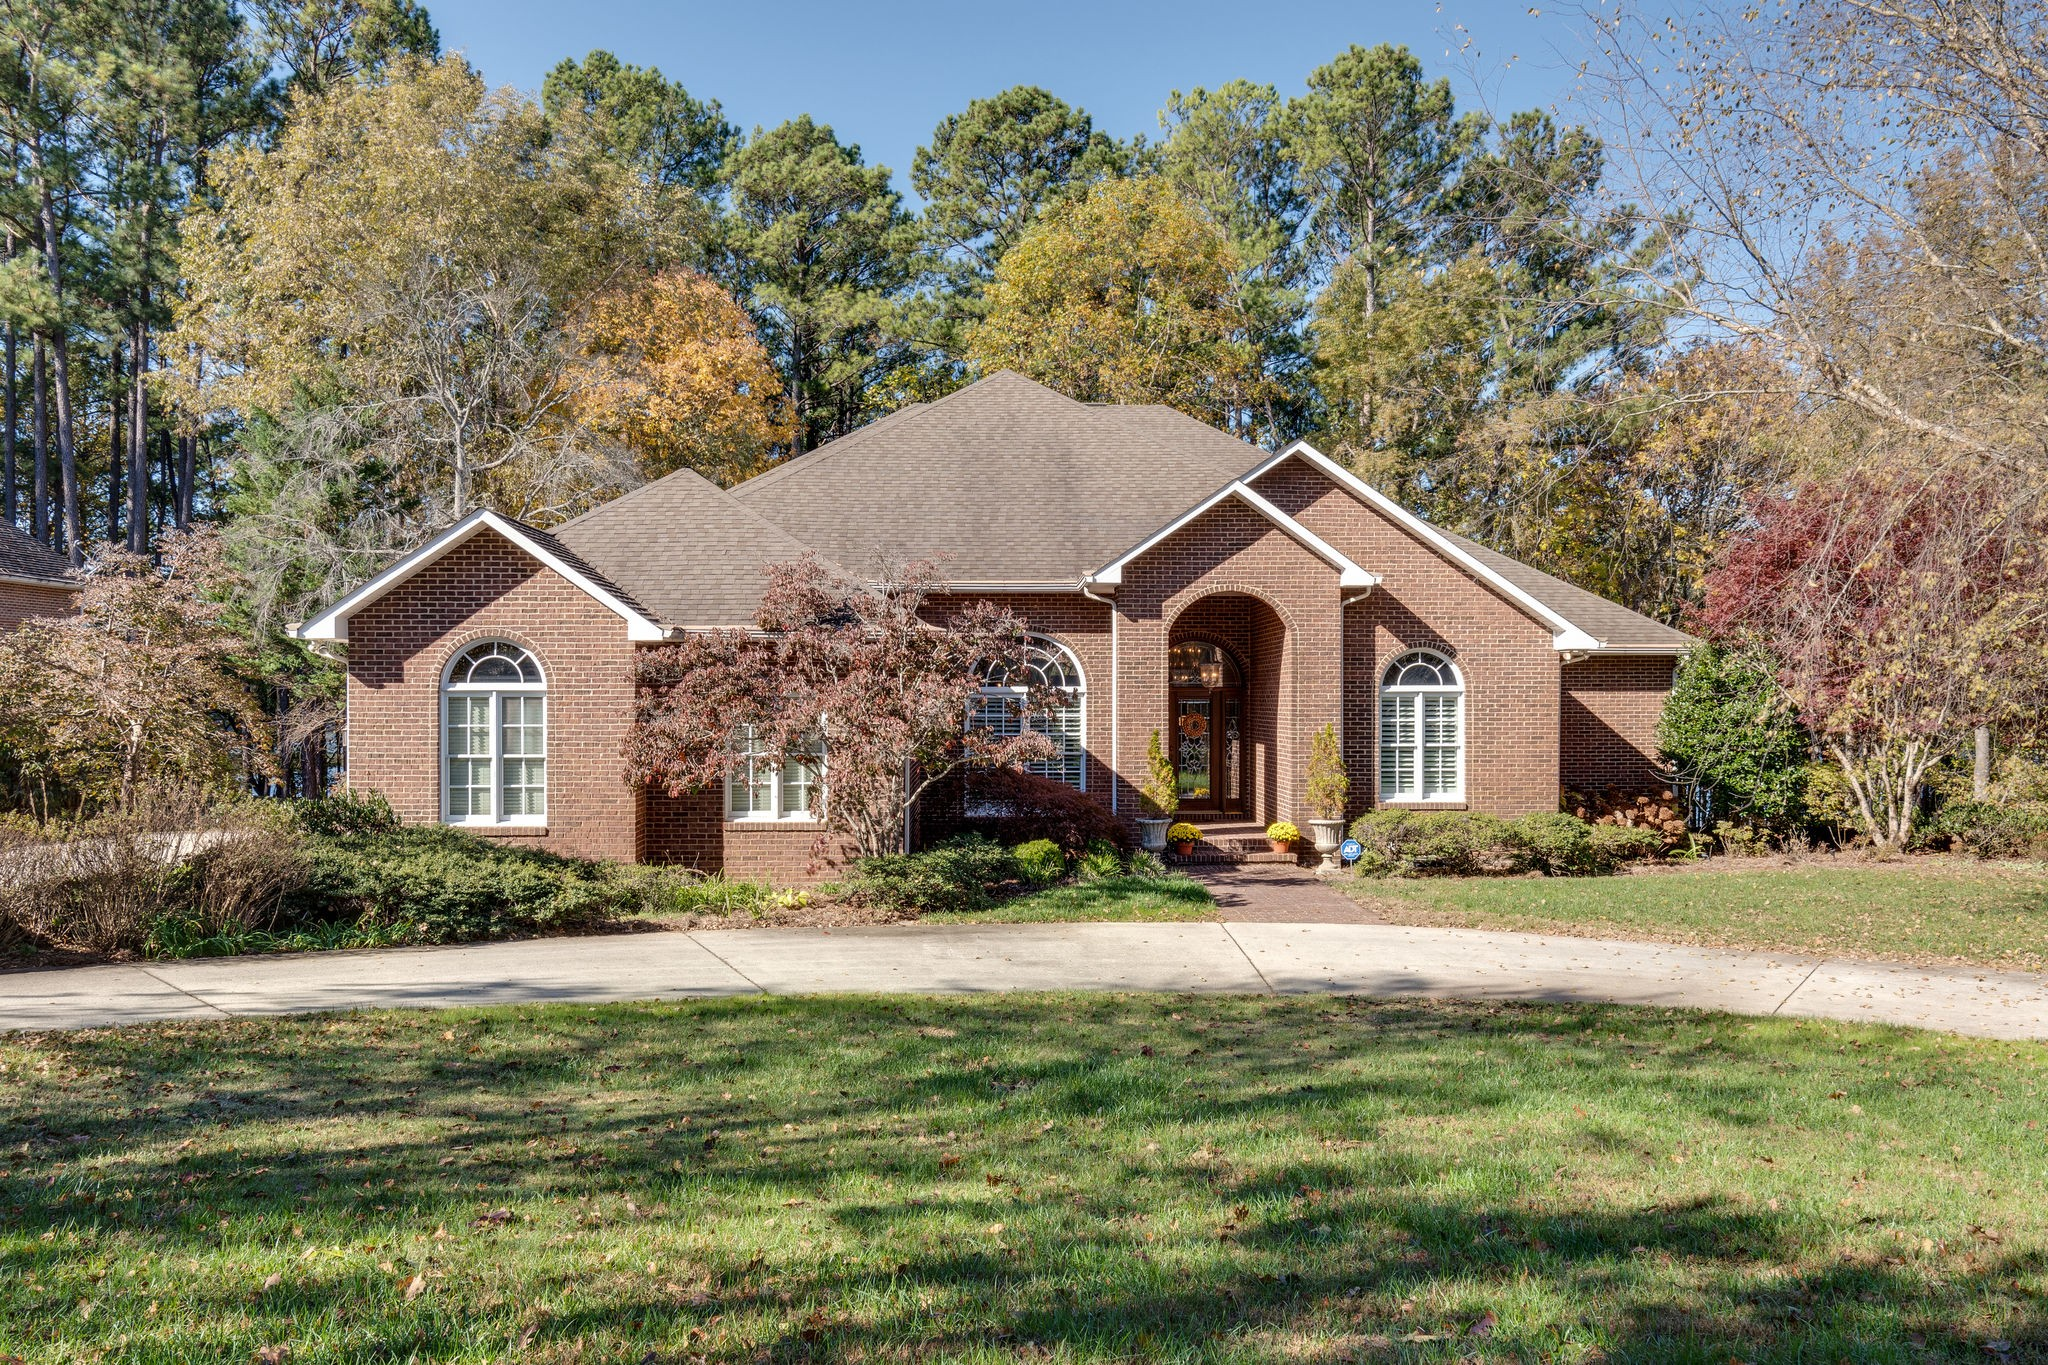 64 Wilder Ln, Winchester, TN 37398 - Winchester, TN real estate listing